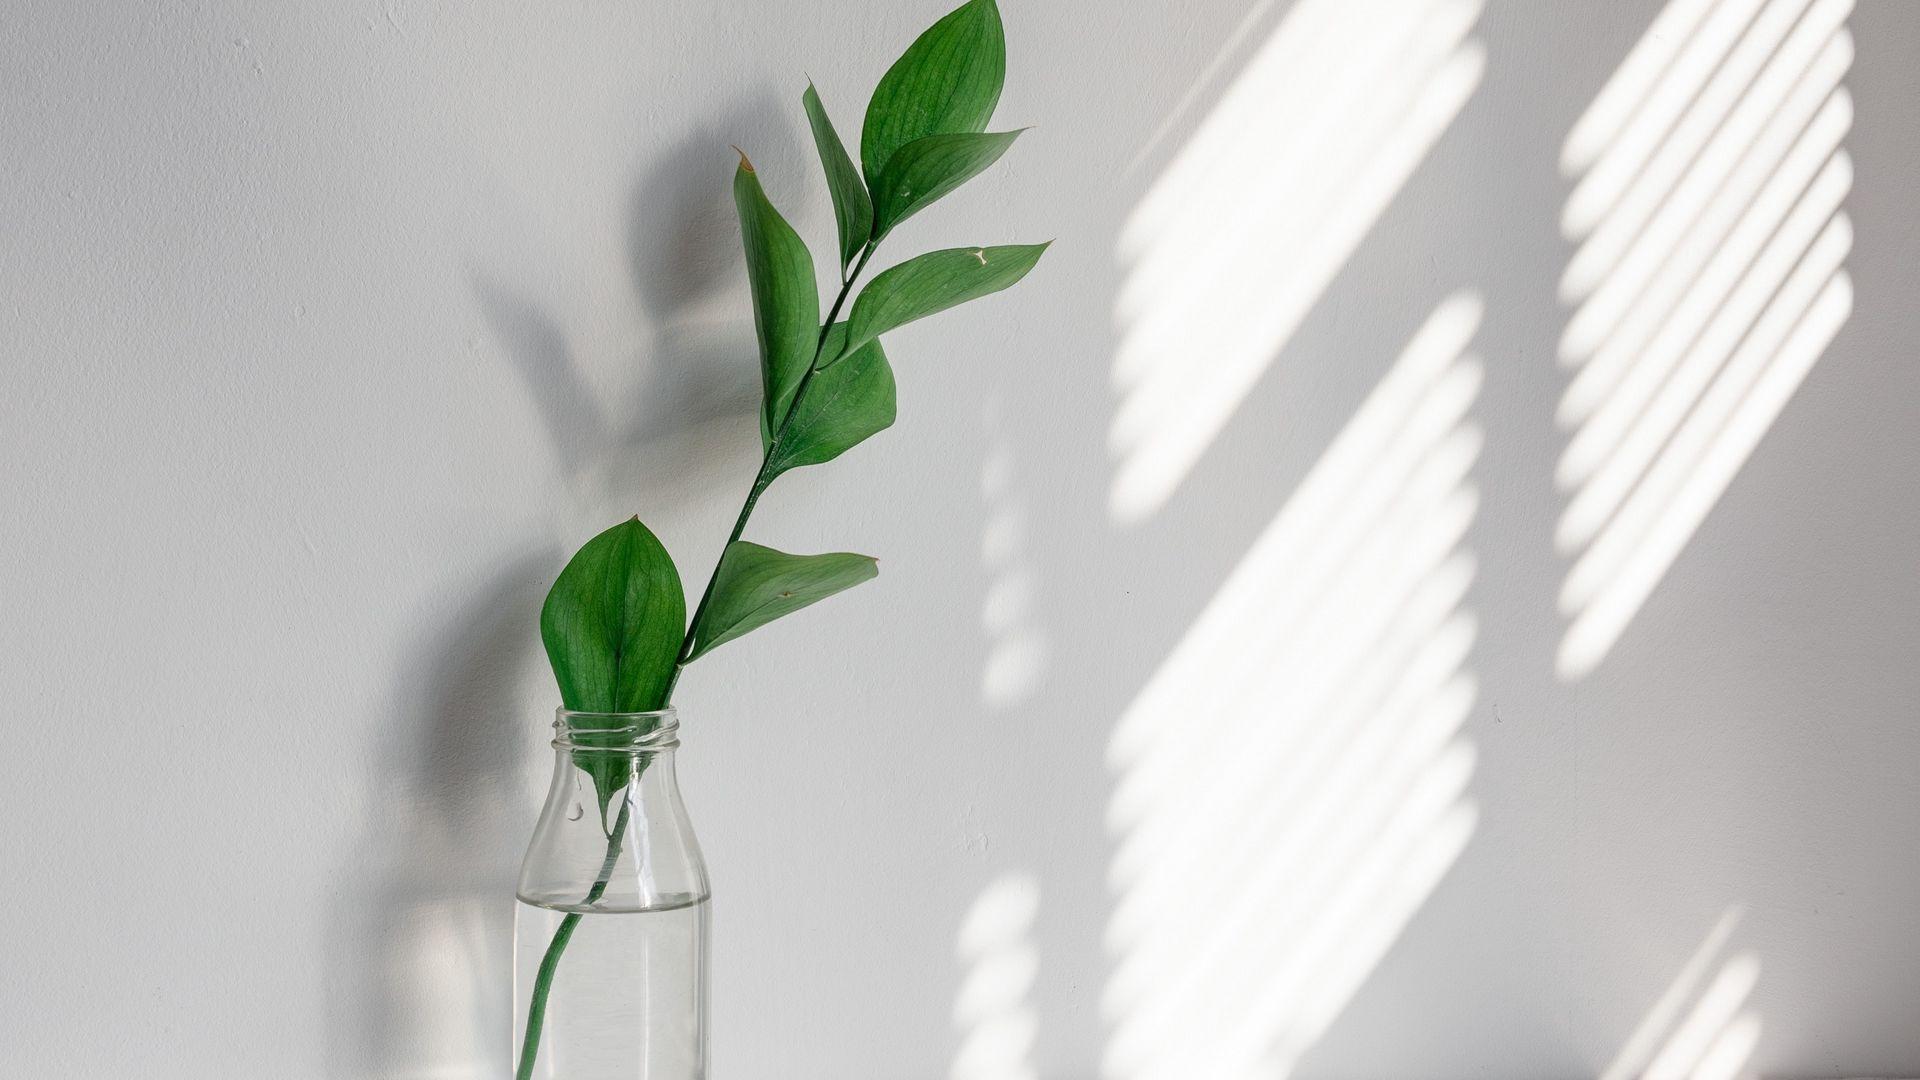 Houseplants pc wallpaper